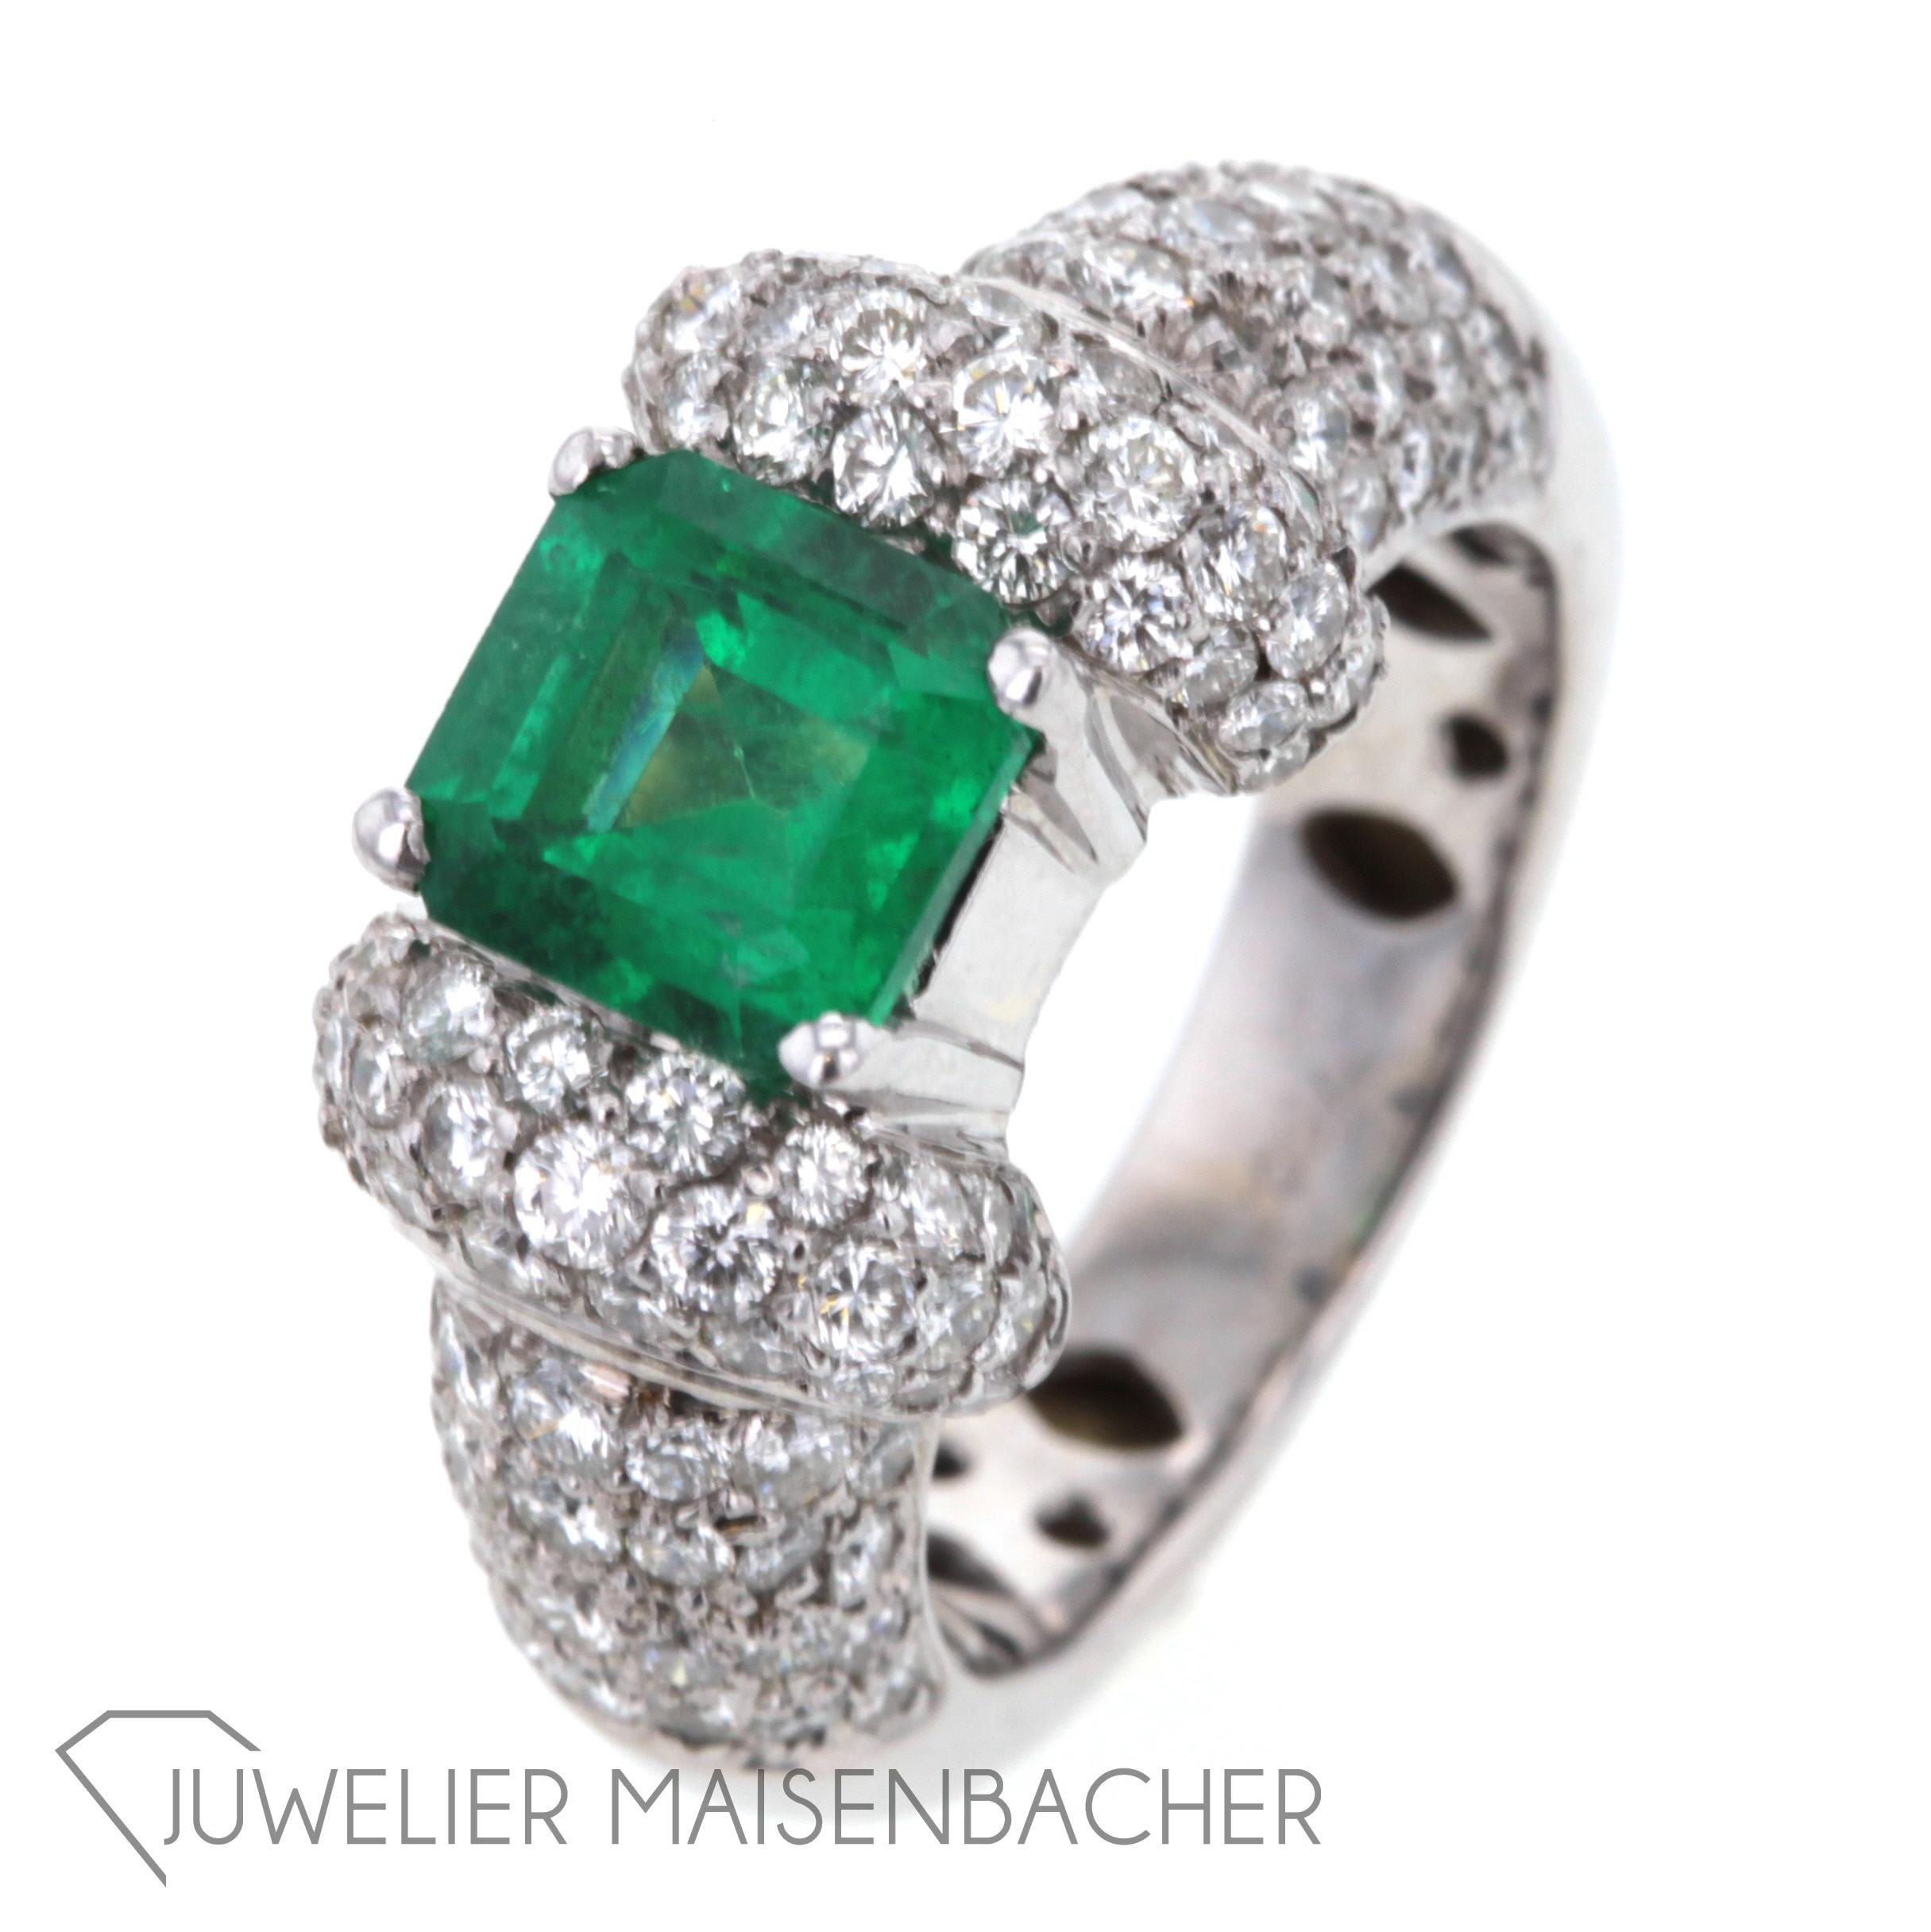 Smaragd Ring Mit Brillanten Jetzt Online Kaufen